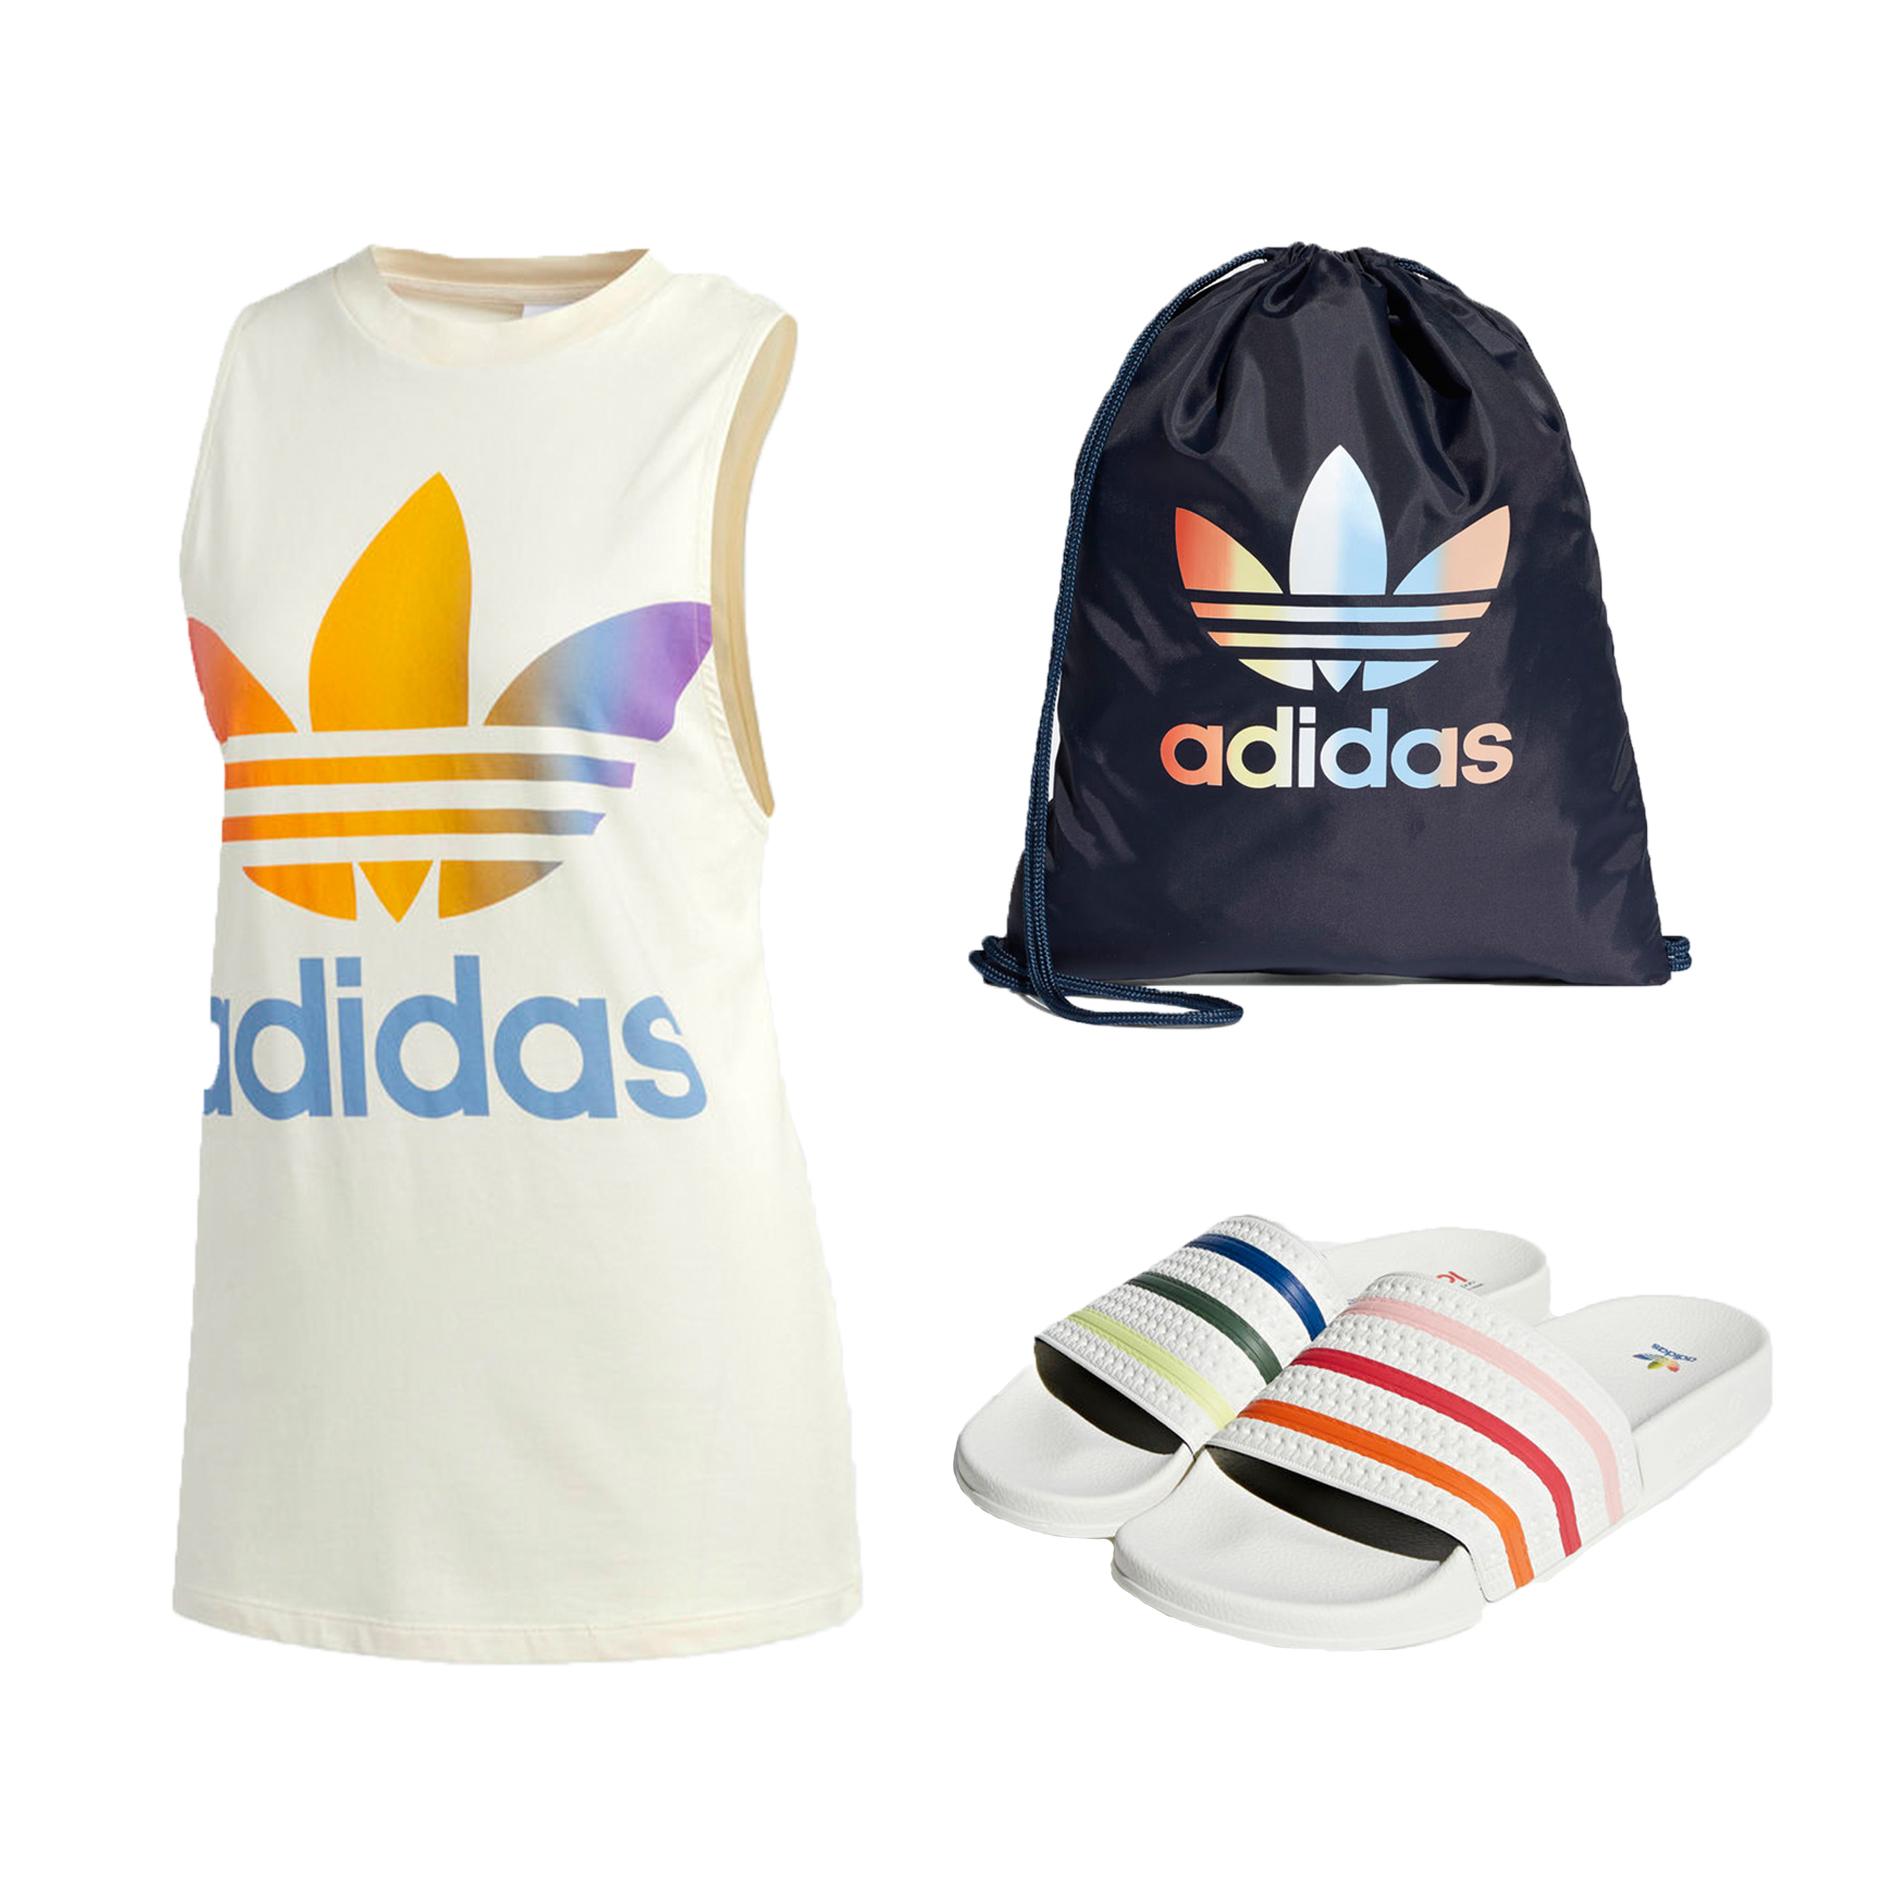 adidas_orgullo_placeres_visavis